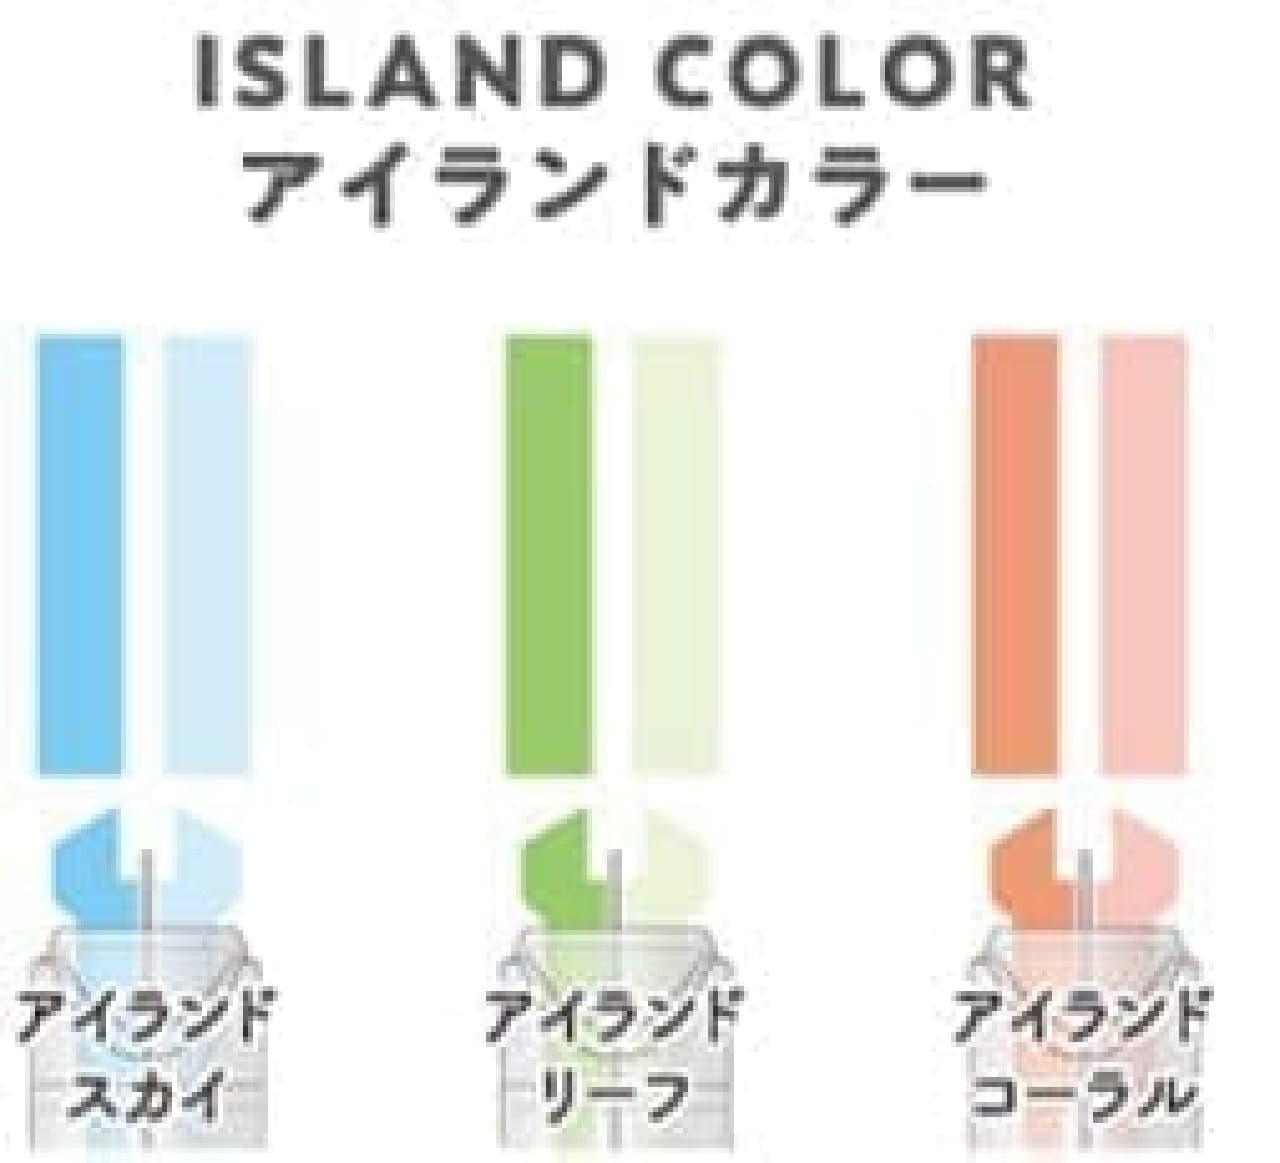 コクヨ「マークタス」限定カラーセット3種 -- すっきり見やすい2トーンカラーマーカー